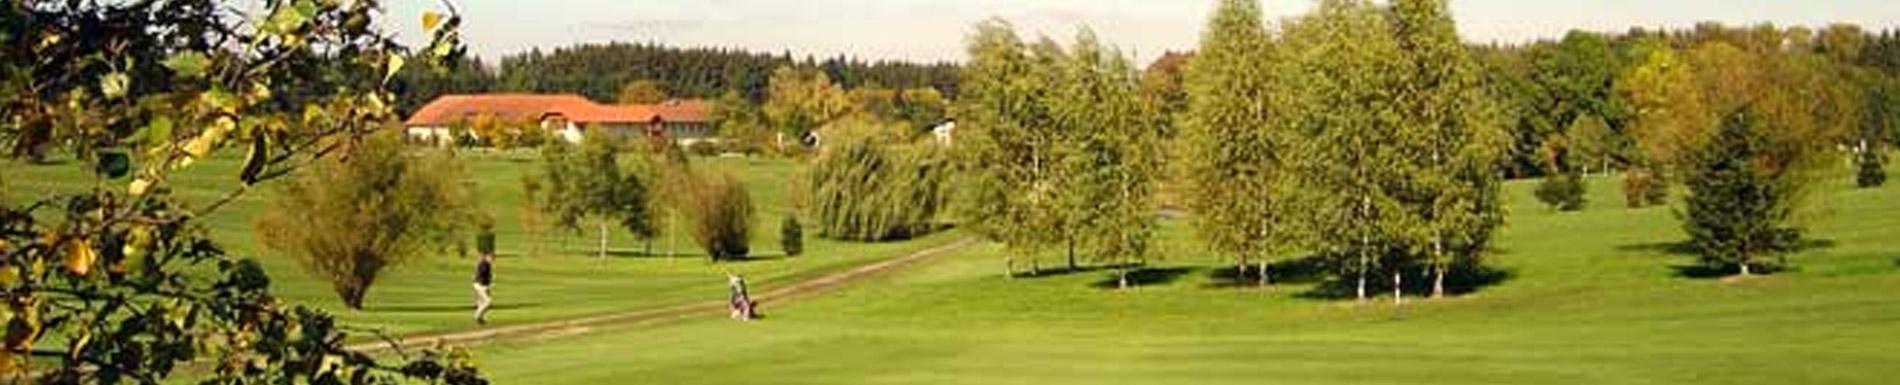 Golfclub Salzburg Gut Kaltenhausen Österreich